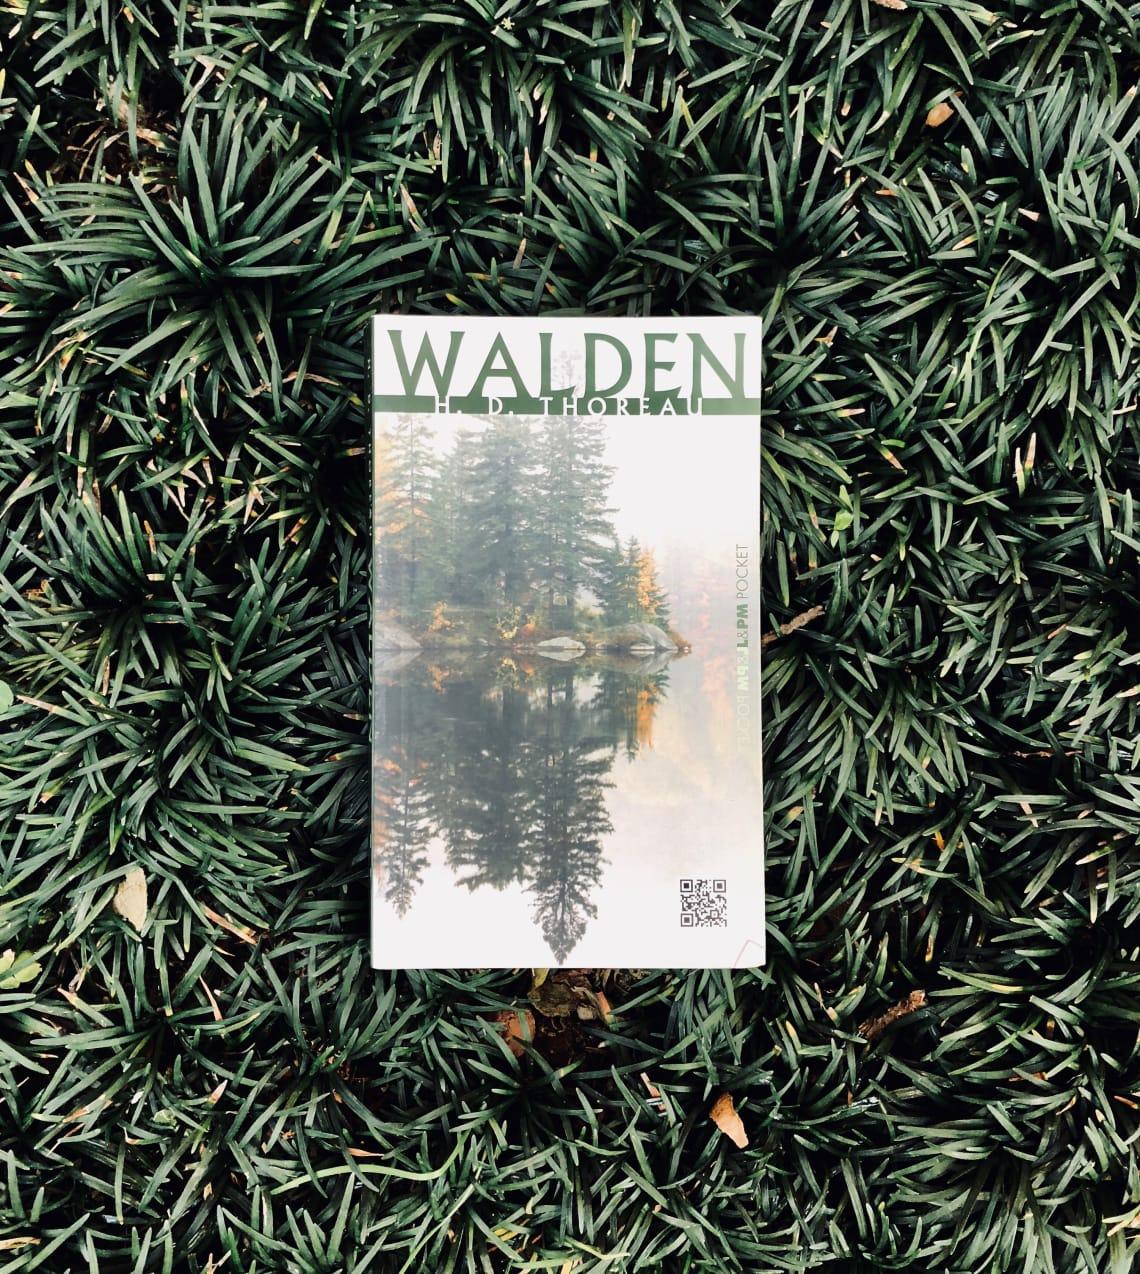 Walden, henry david thoreau